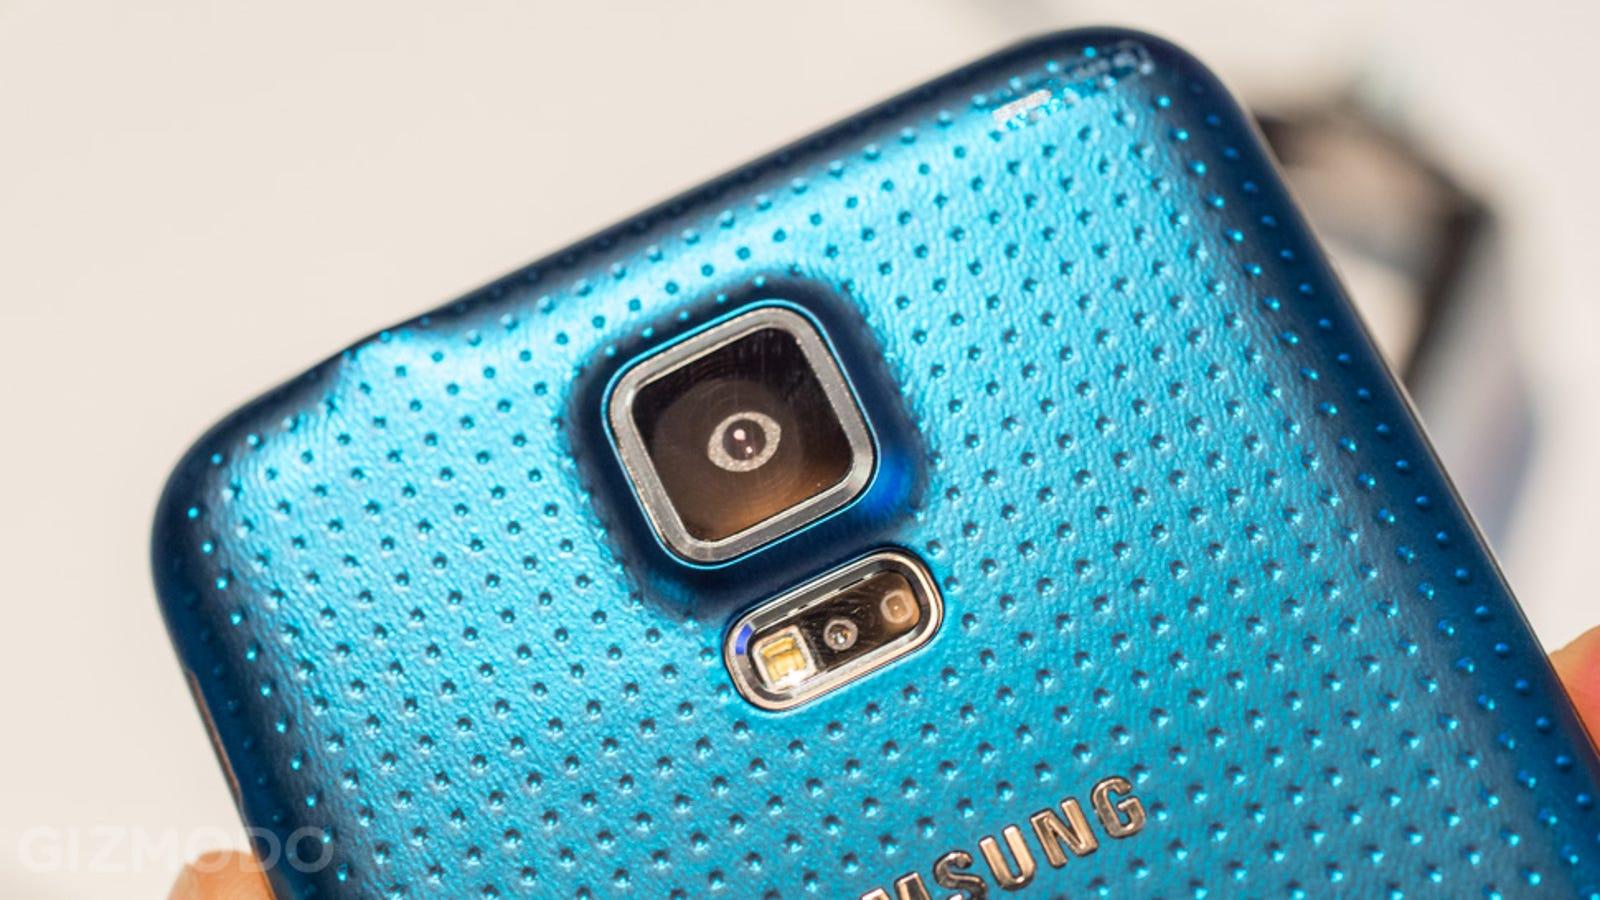 Samsung Galaxy S5, primeras impresiones: las apariencias engañan